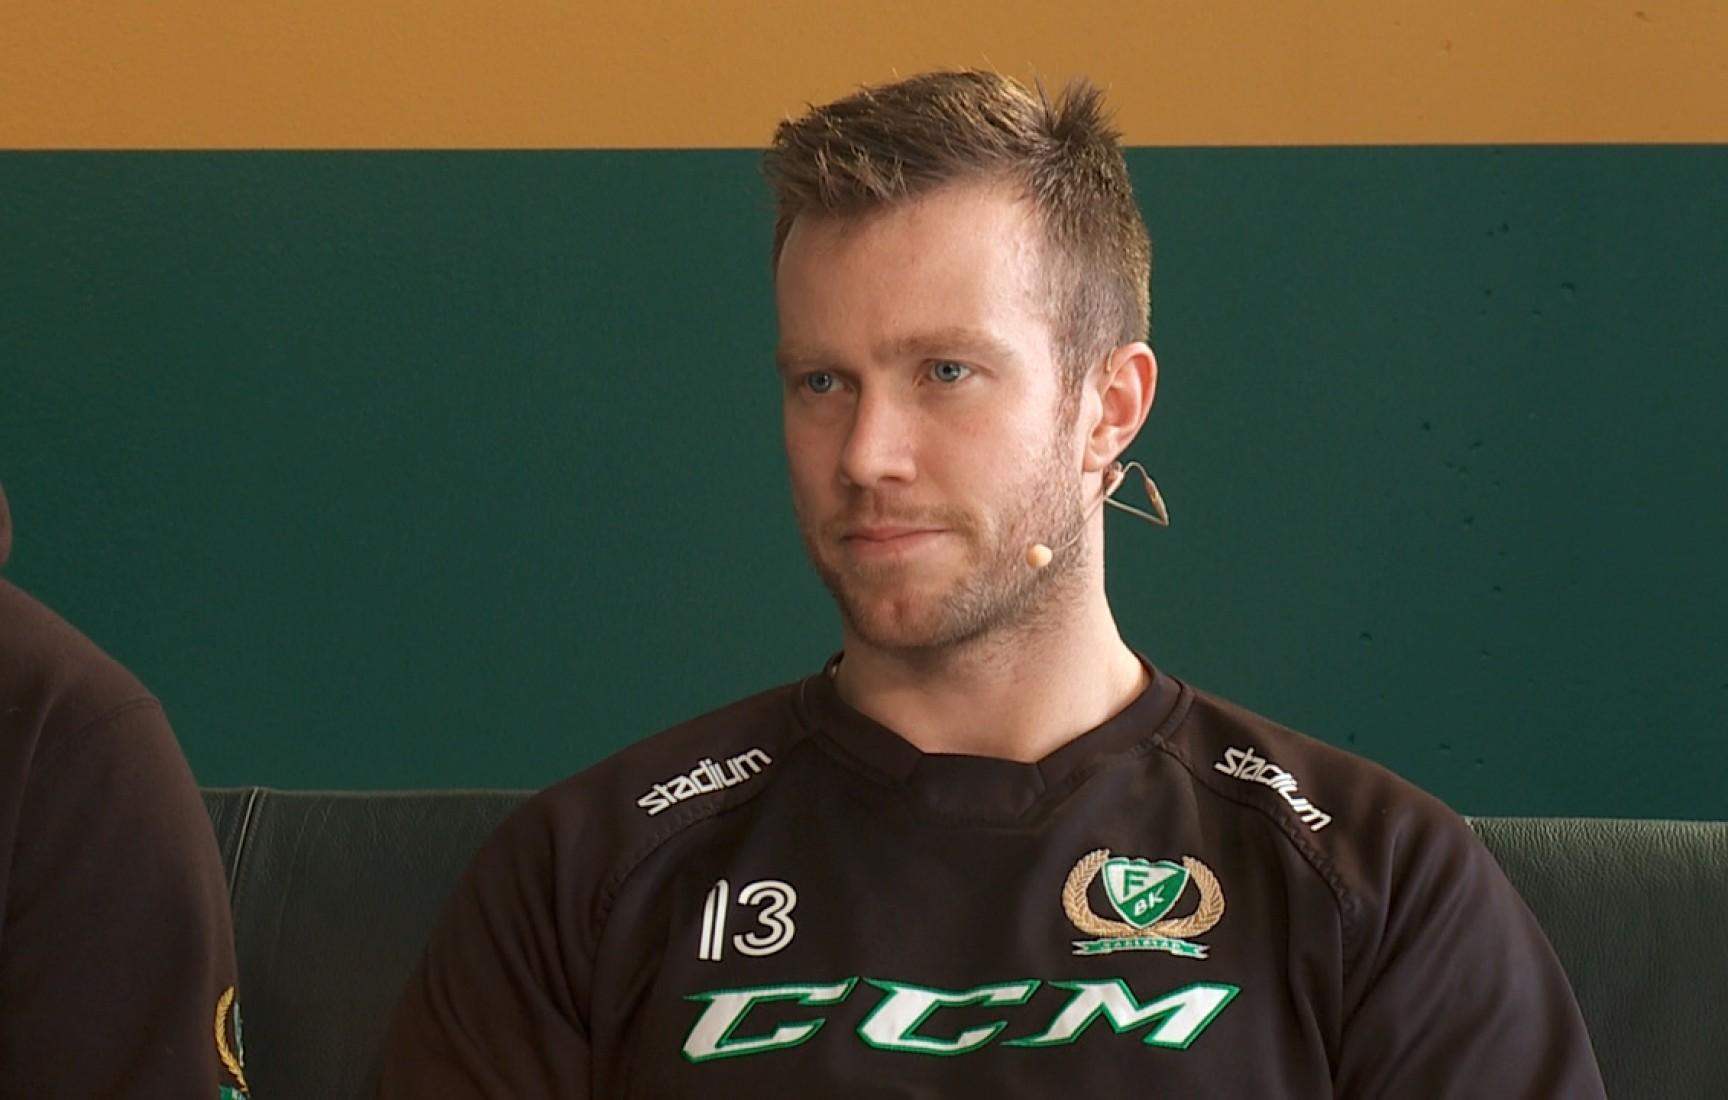 Glimt Sport – Mikael Wikstrand och Linus Persson inför slutspelet